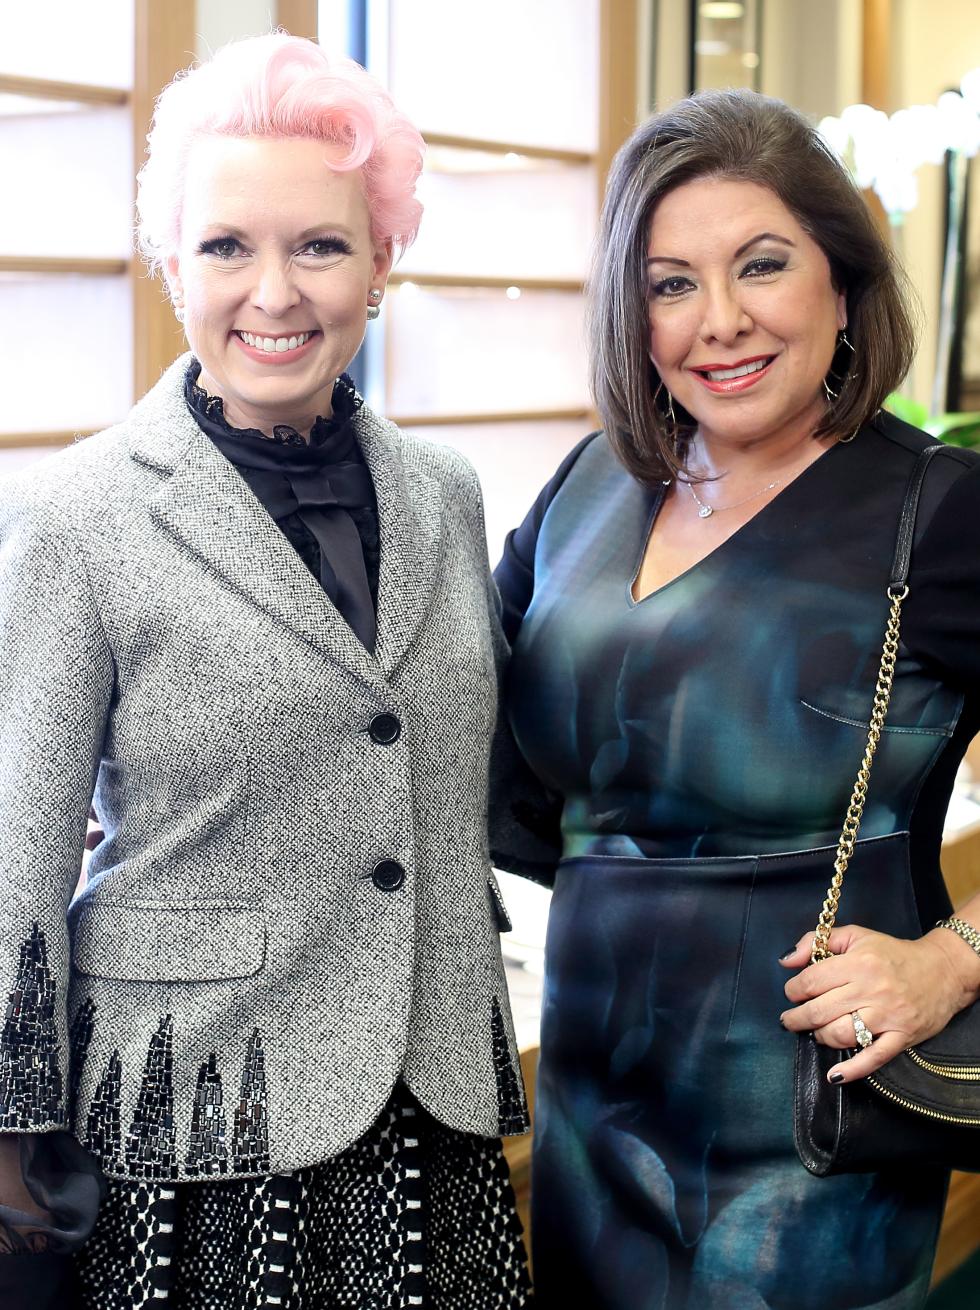 Houston, Una Notte kickoff party, October 2015, Vivian Wise, Debbie Festari